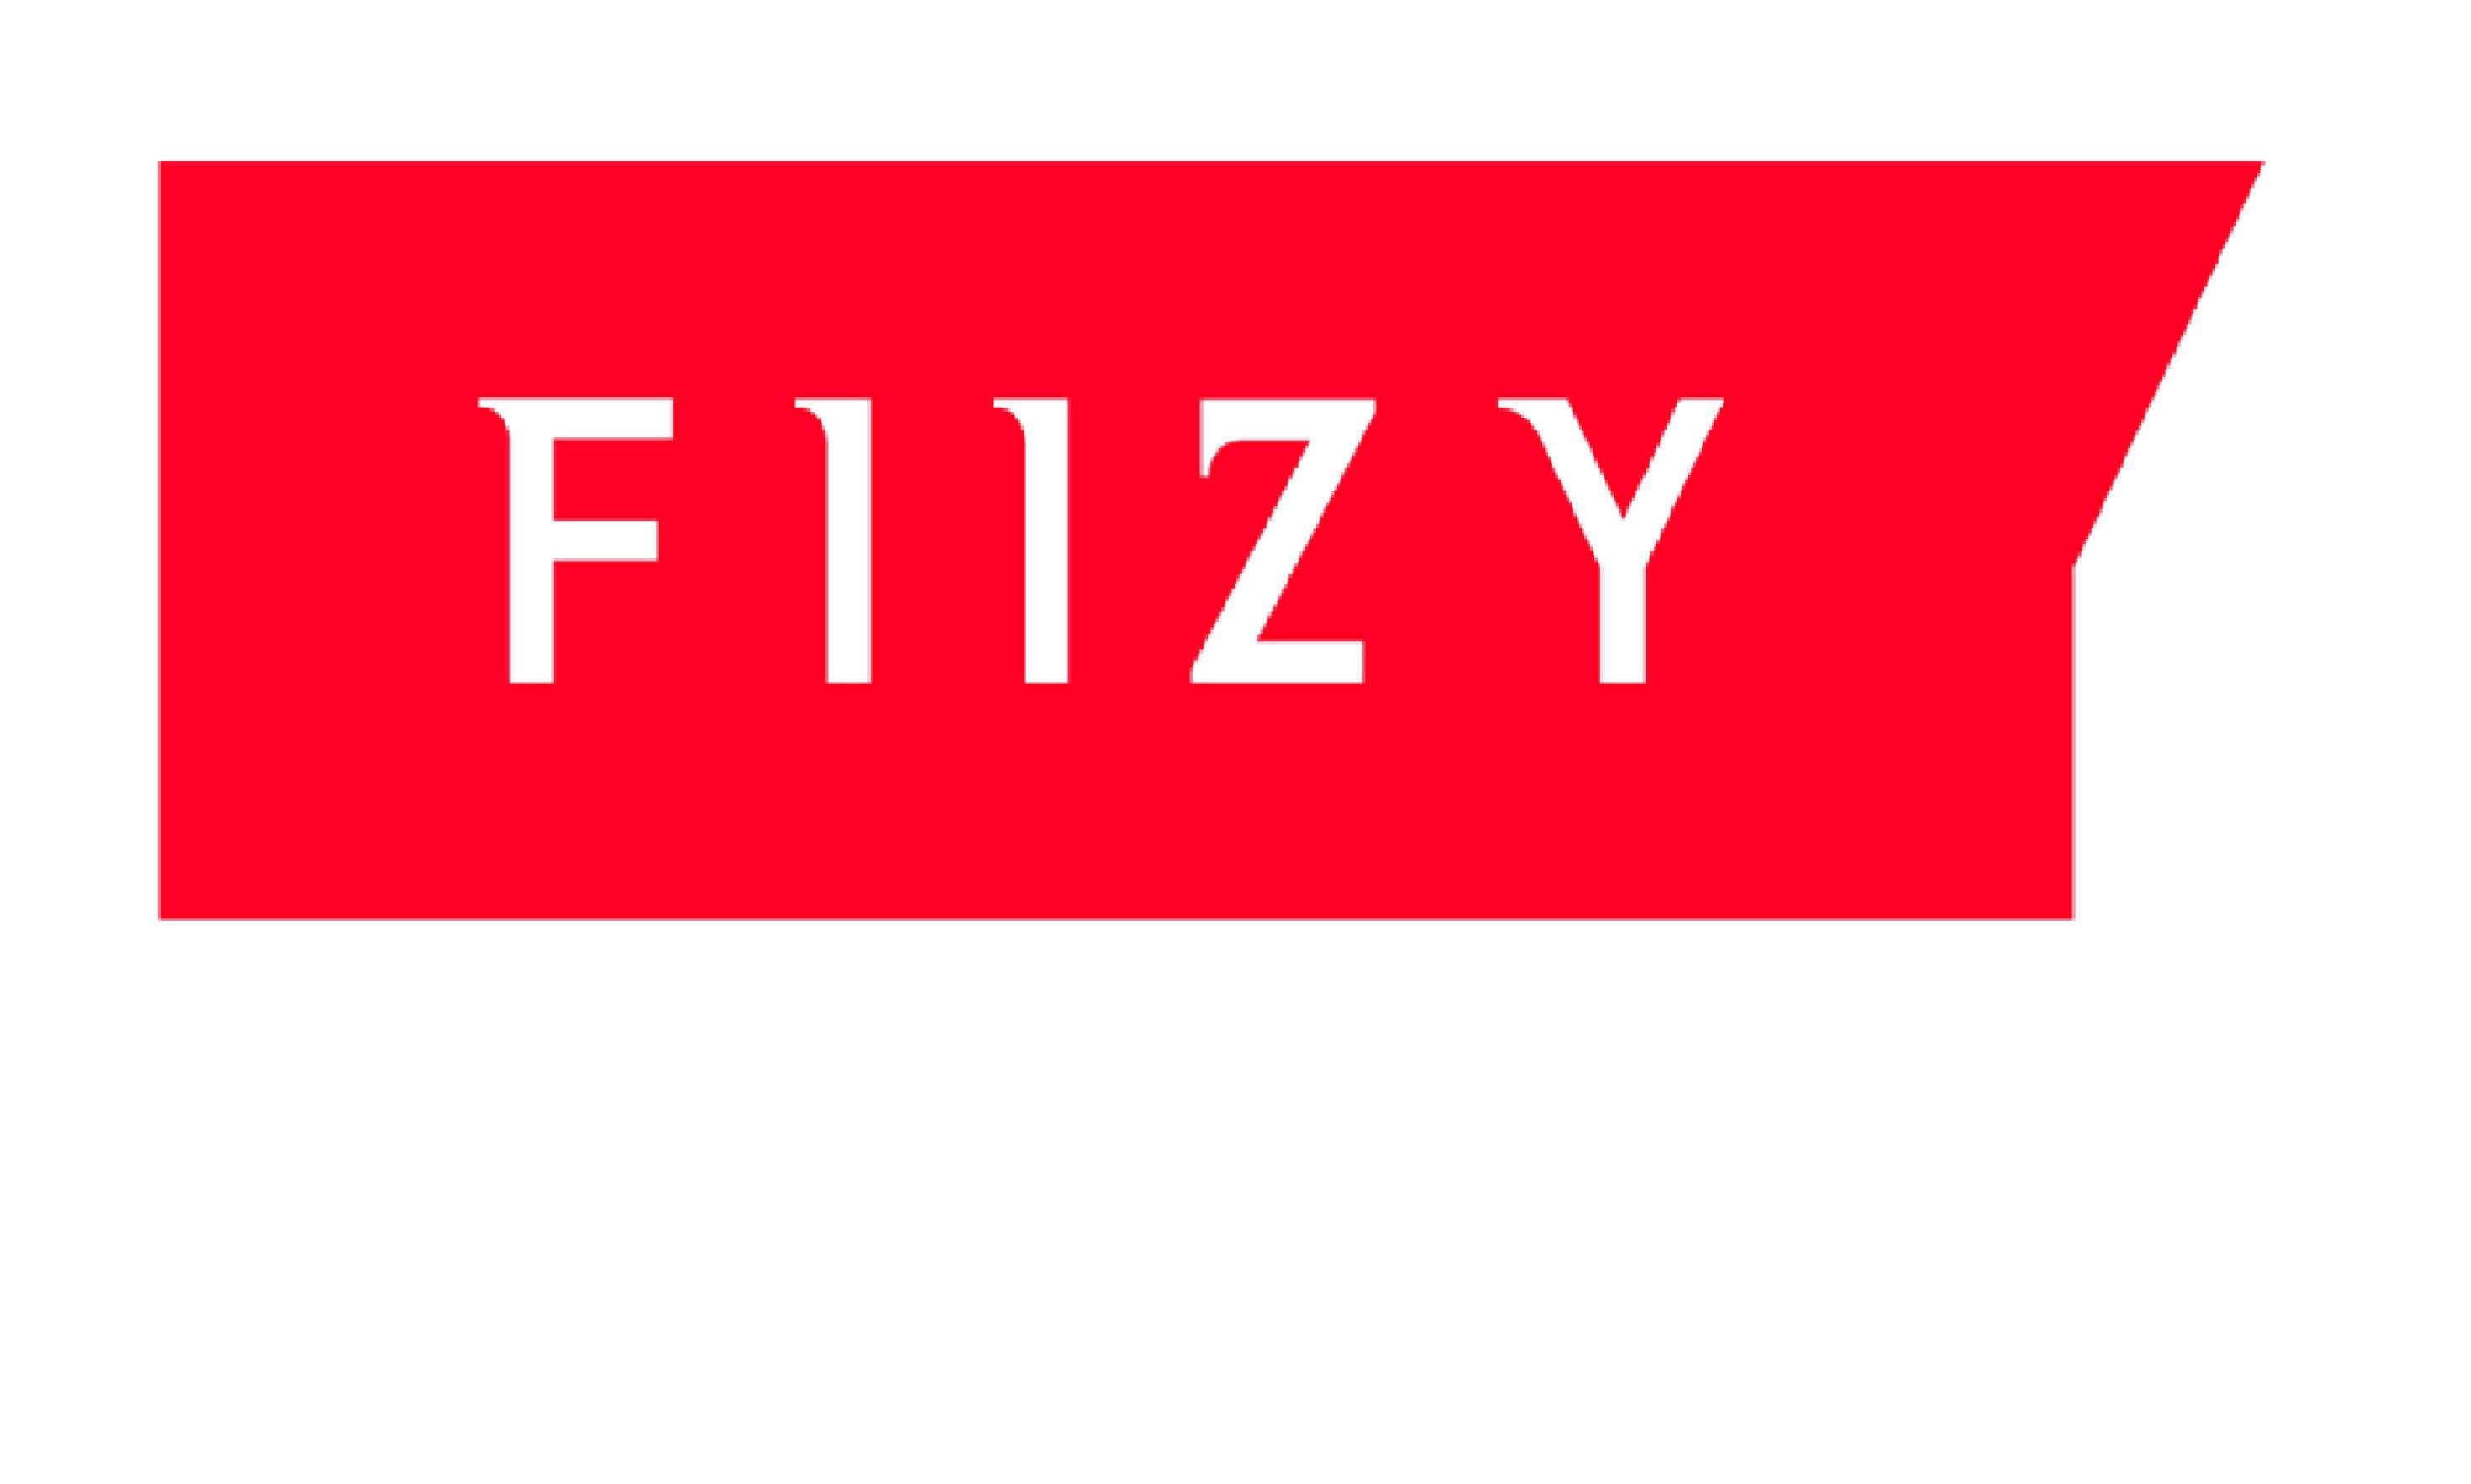 fiizy